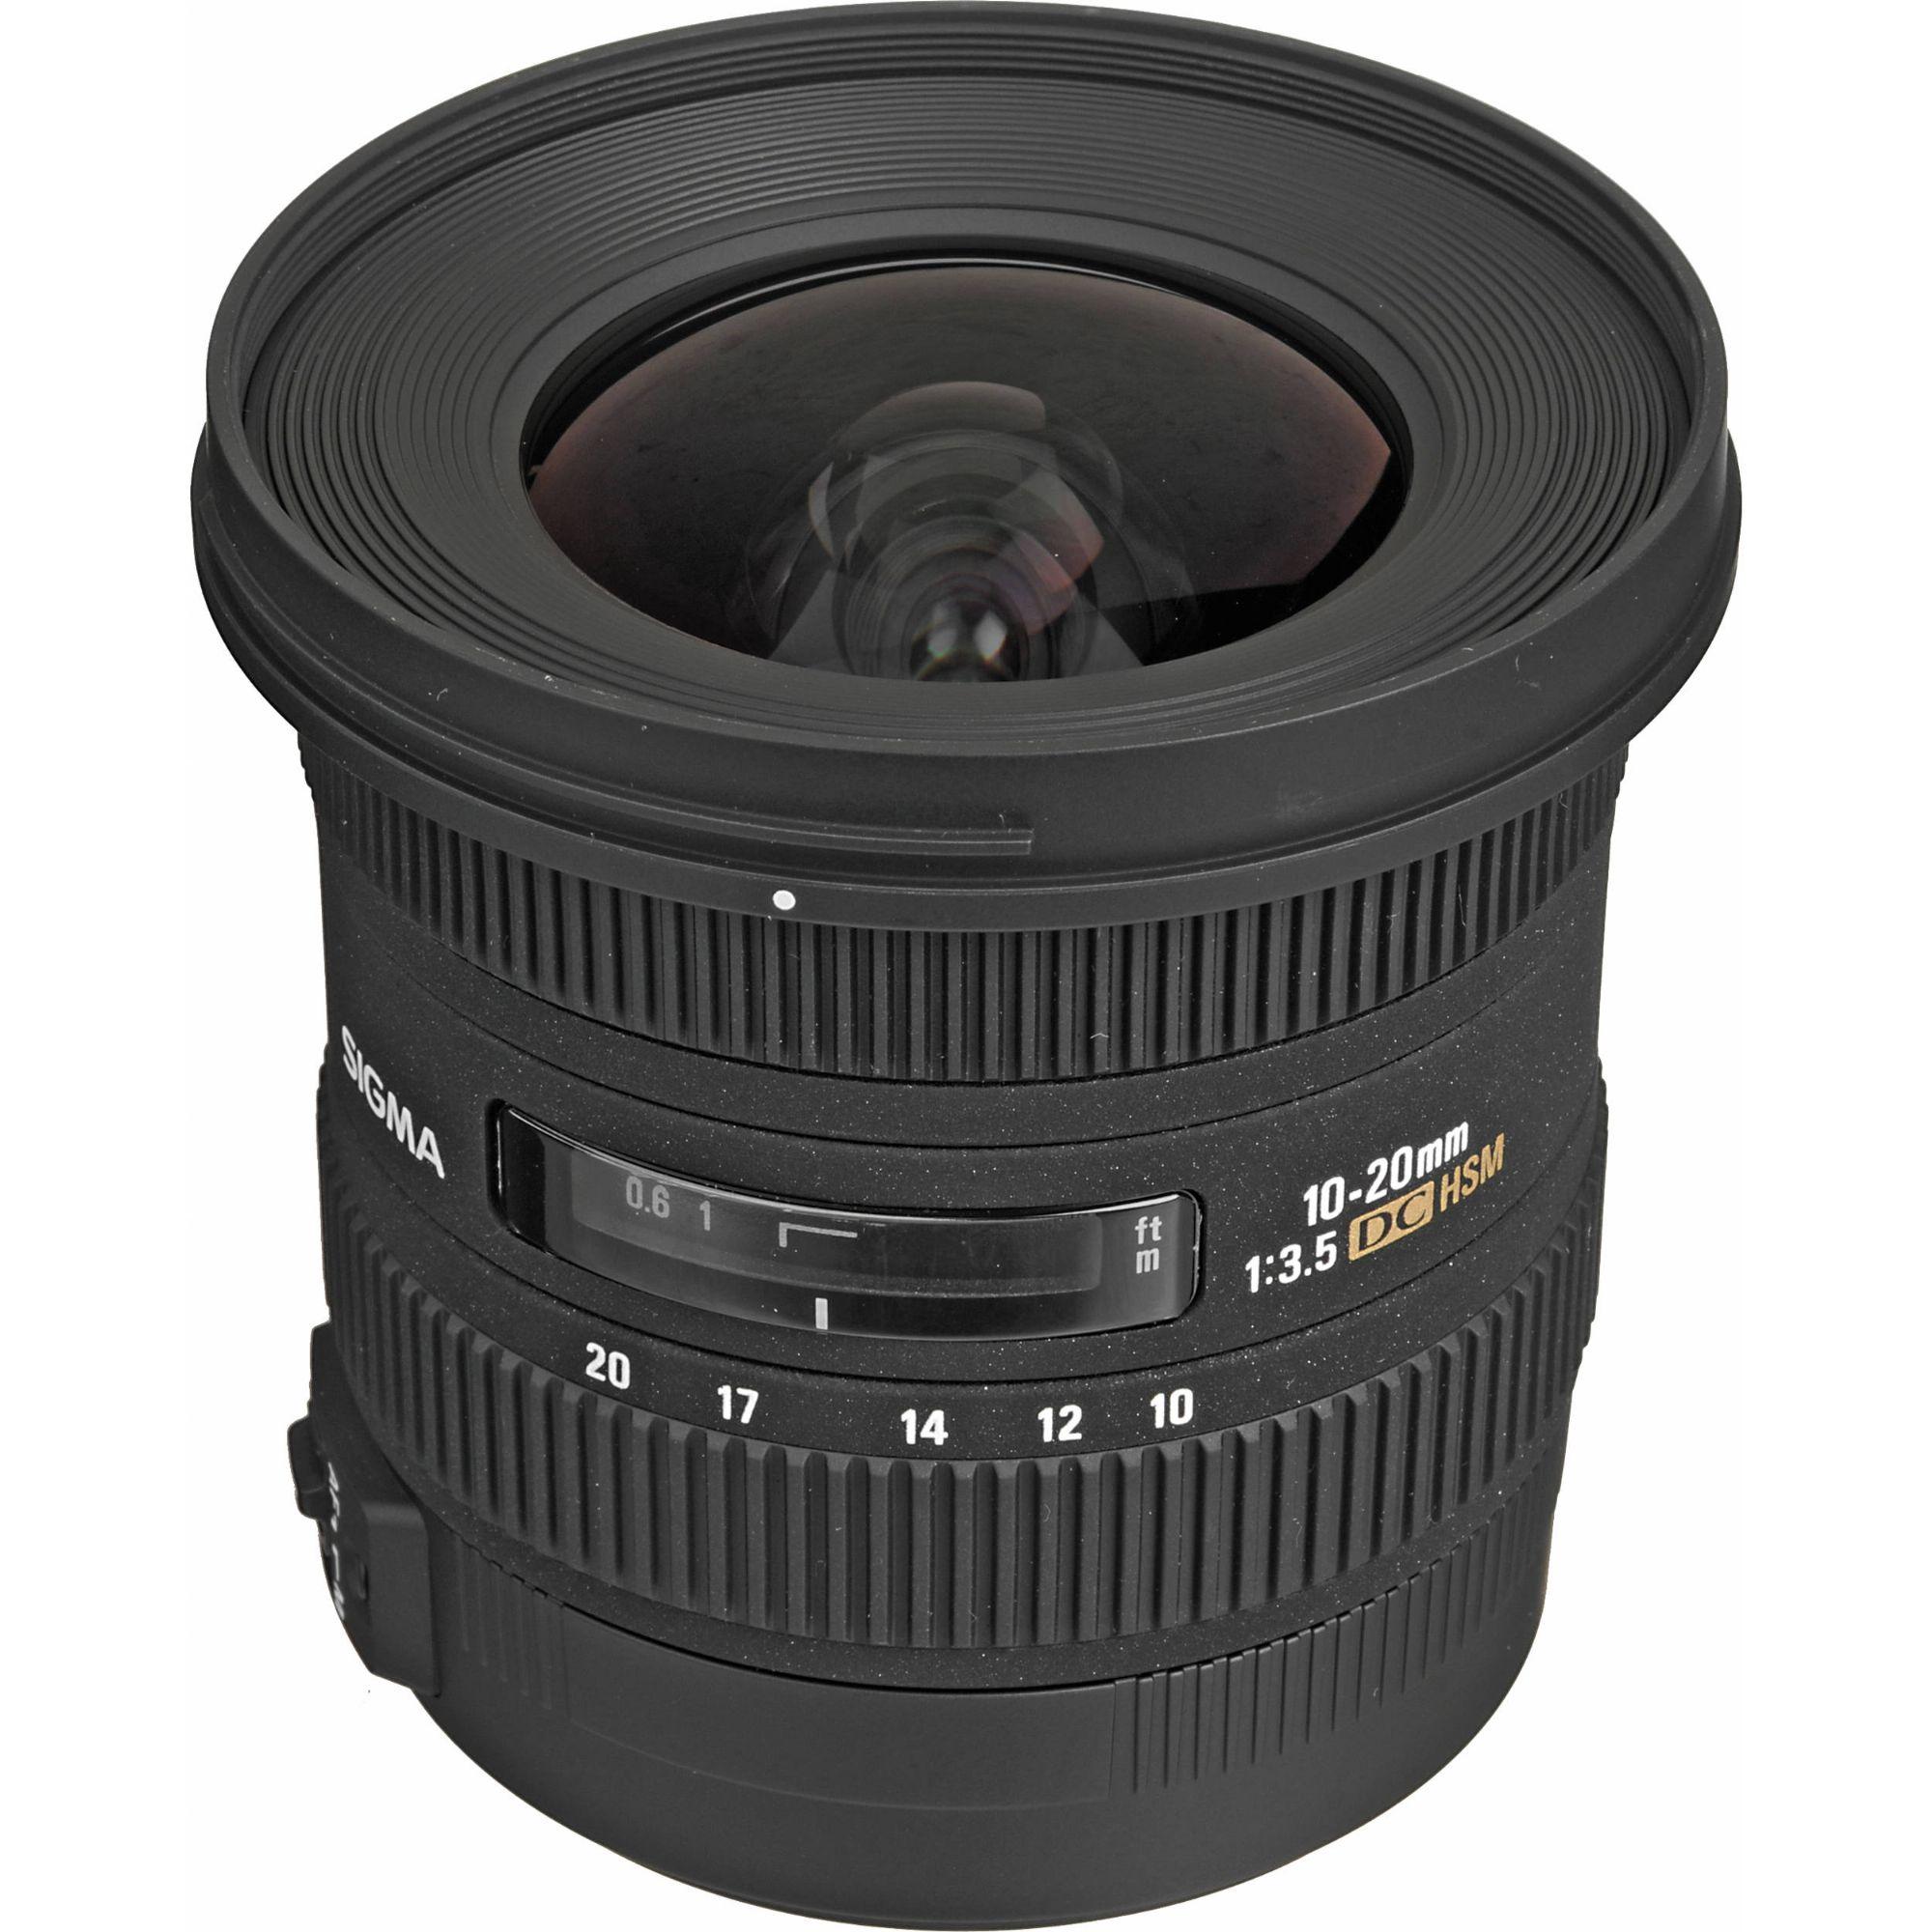 10-20mm f3.5 ex dc hsm ファームウェア